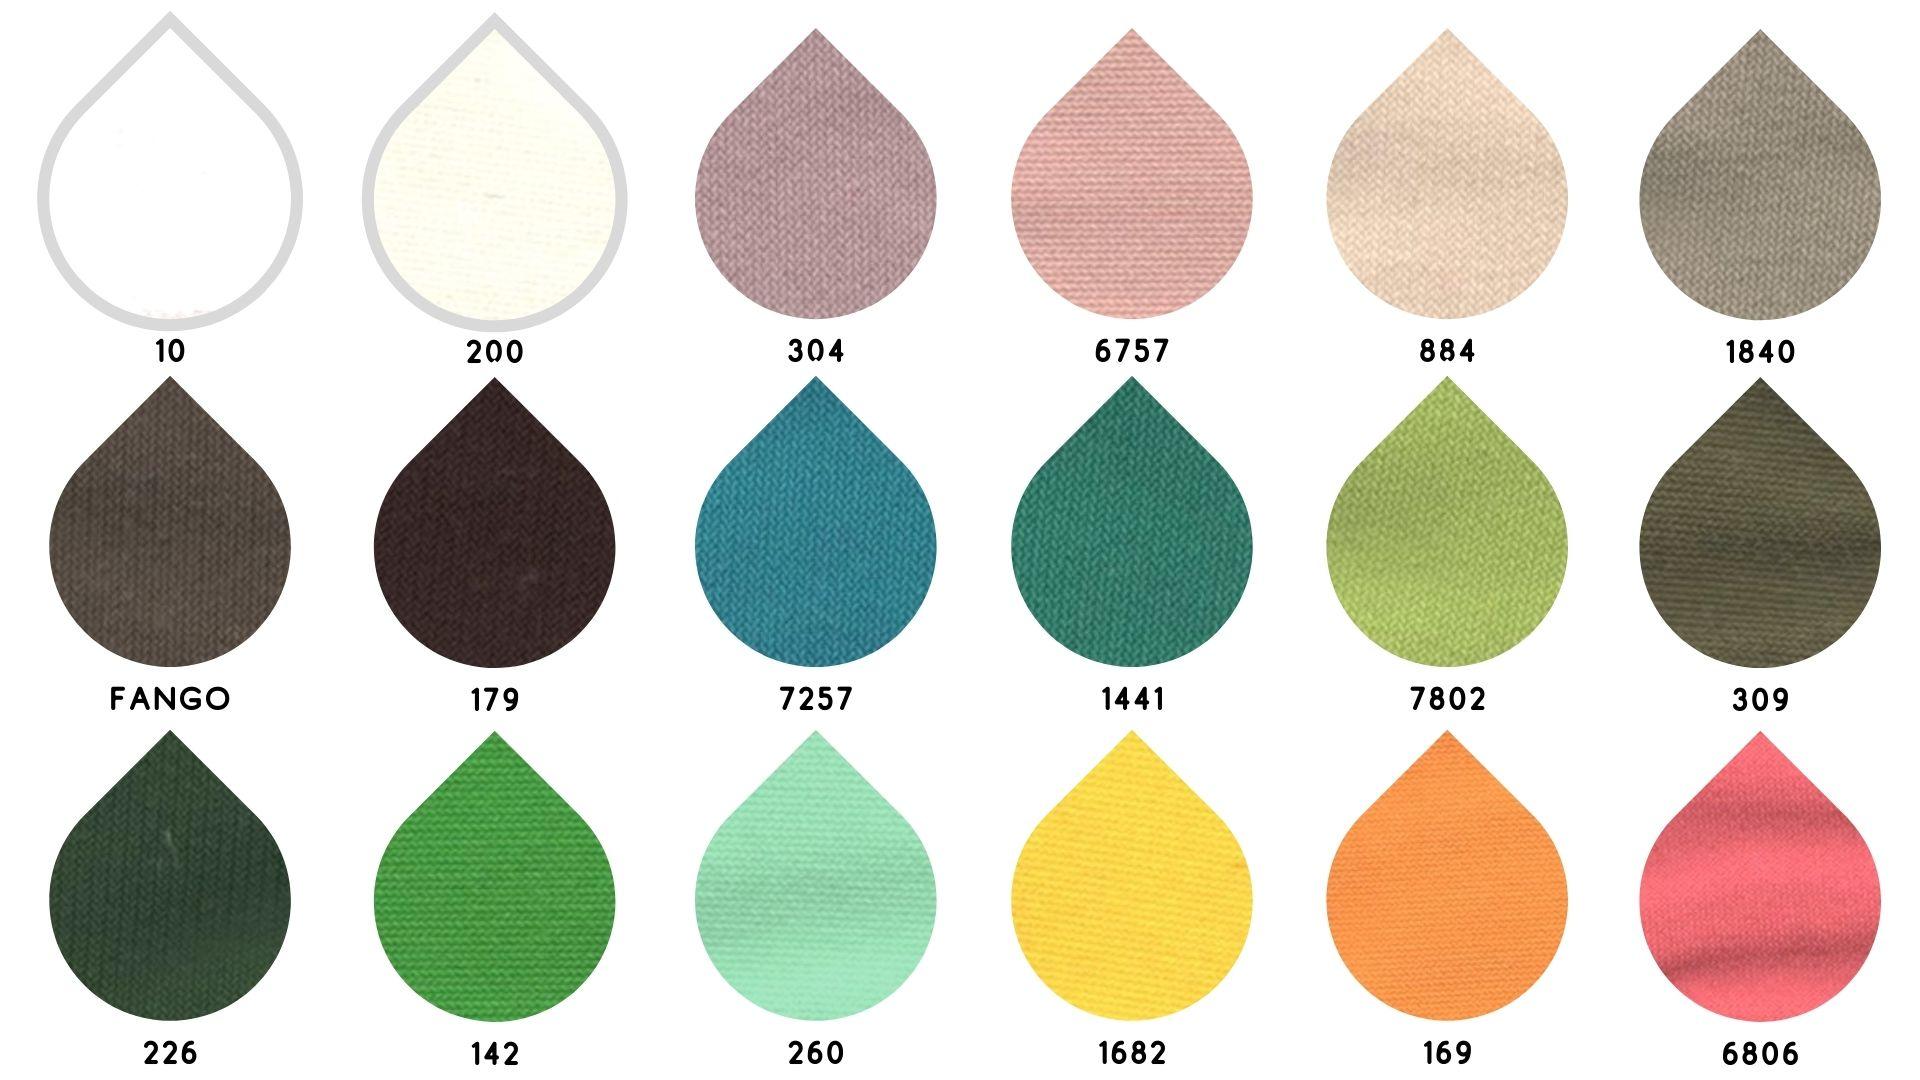 la cartella colore del tessuto 5901 di Leadford & Logan